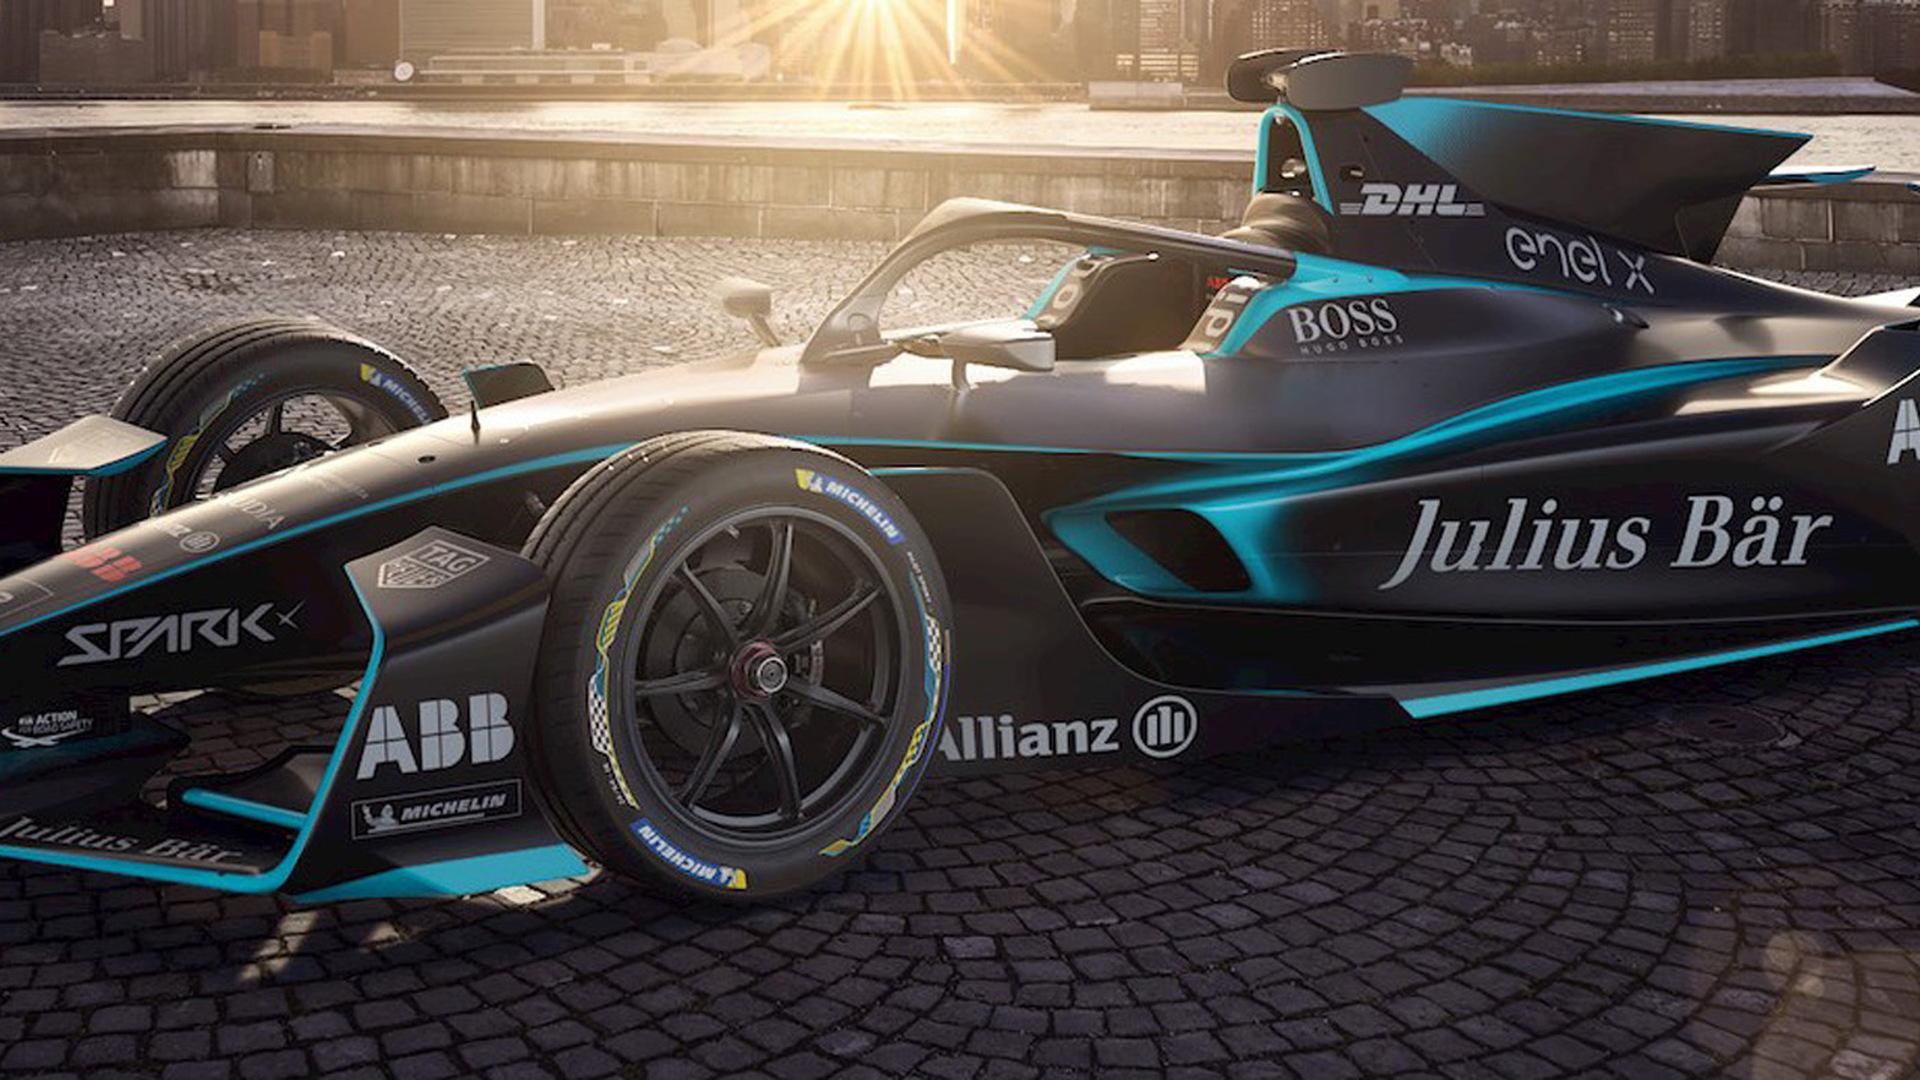 Formula E Gen2 Evo race car